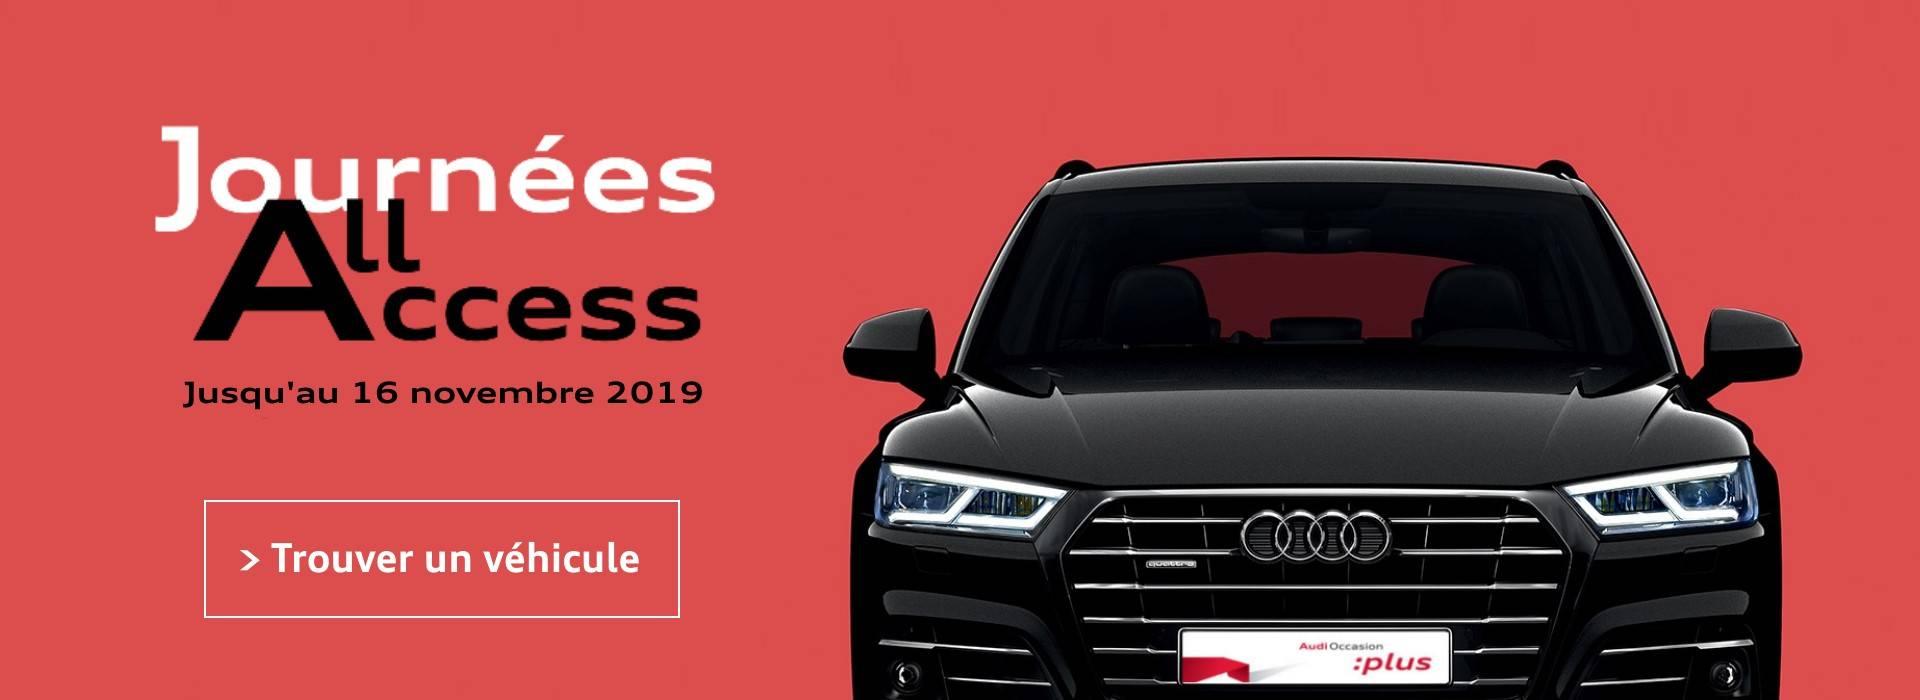 Audi occasion journées All Access offres promotion